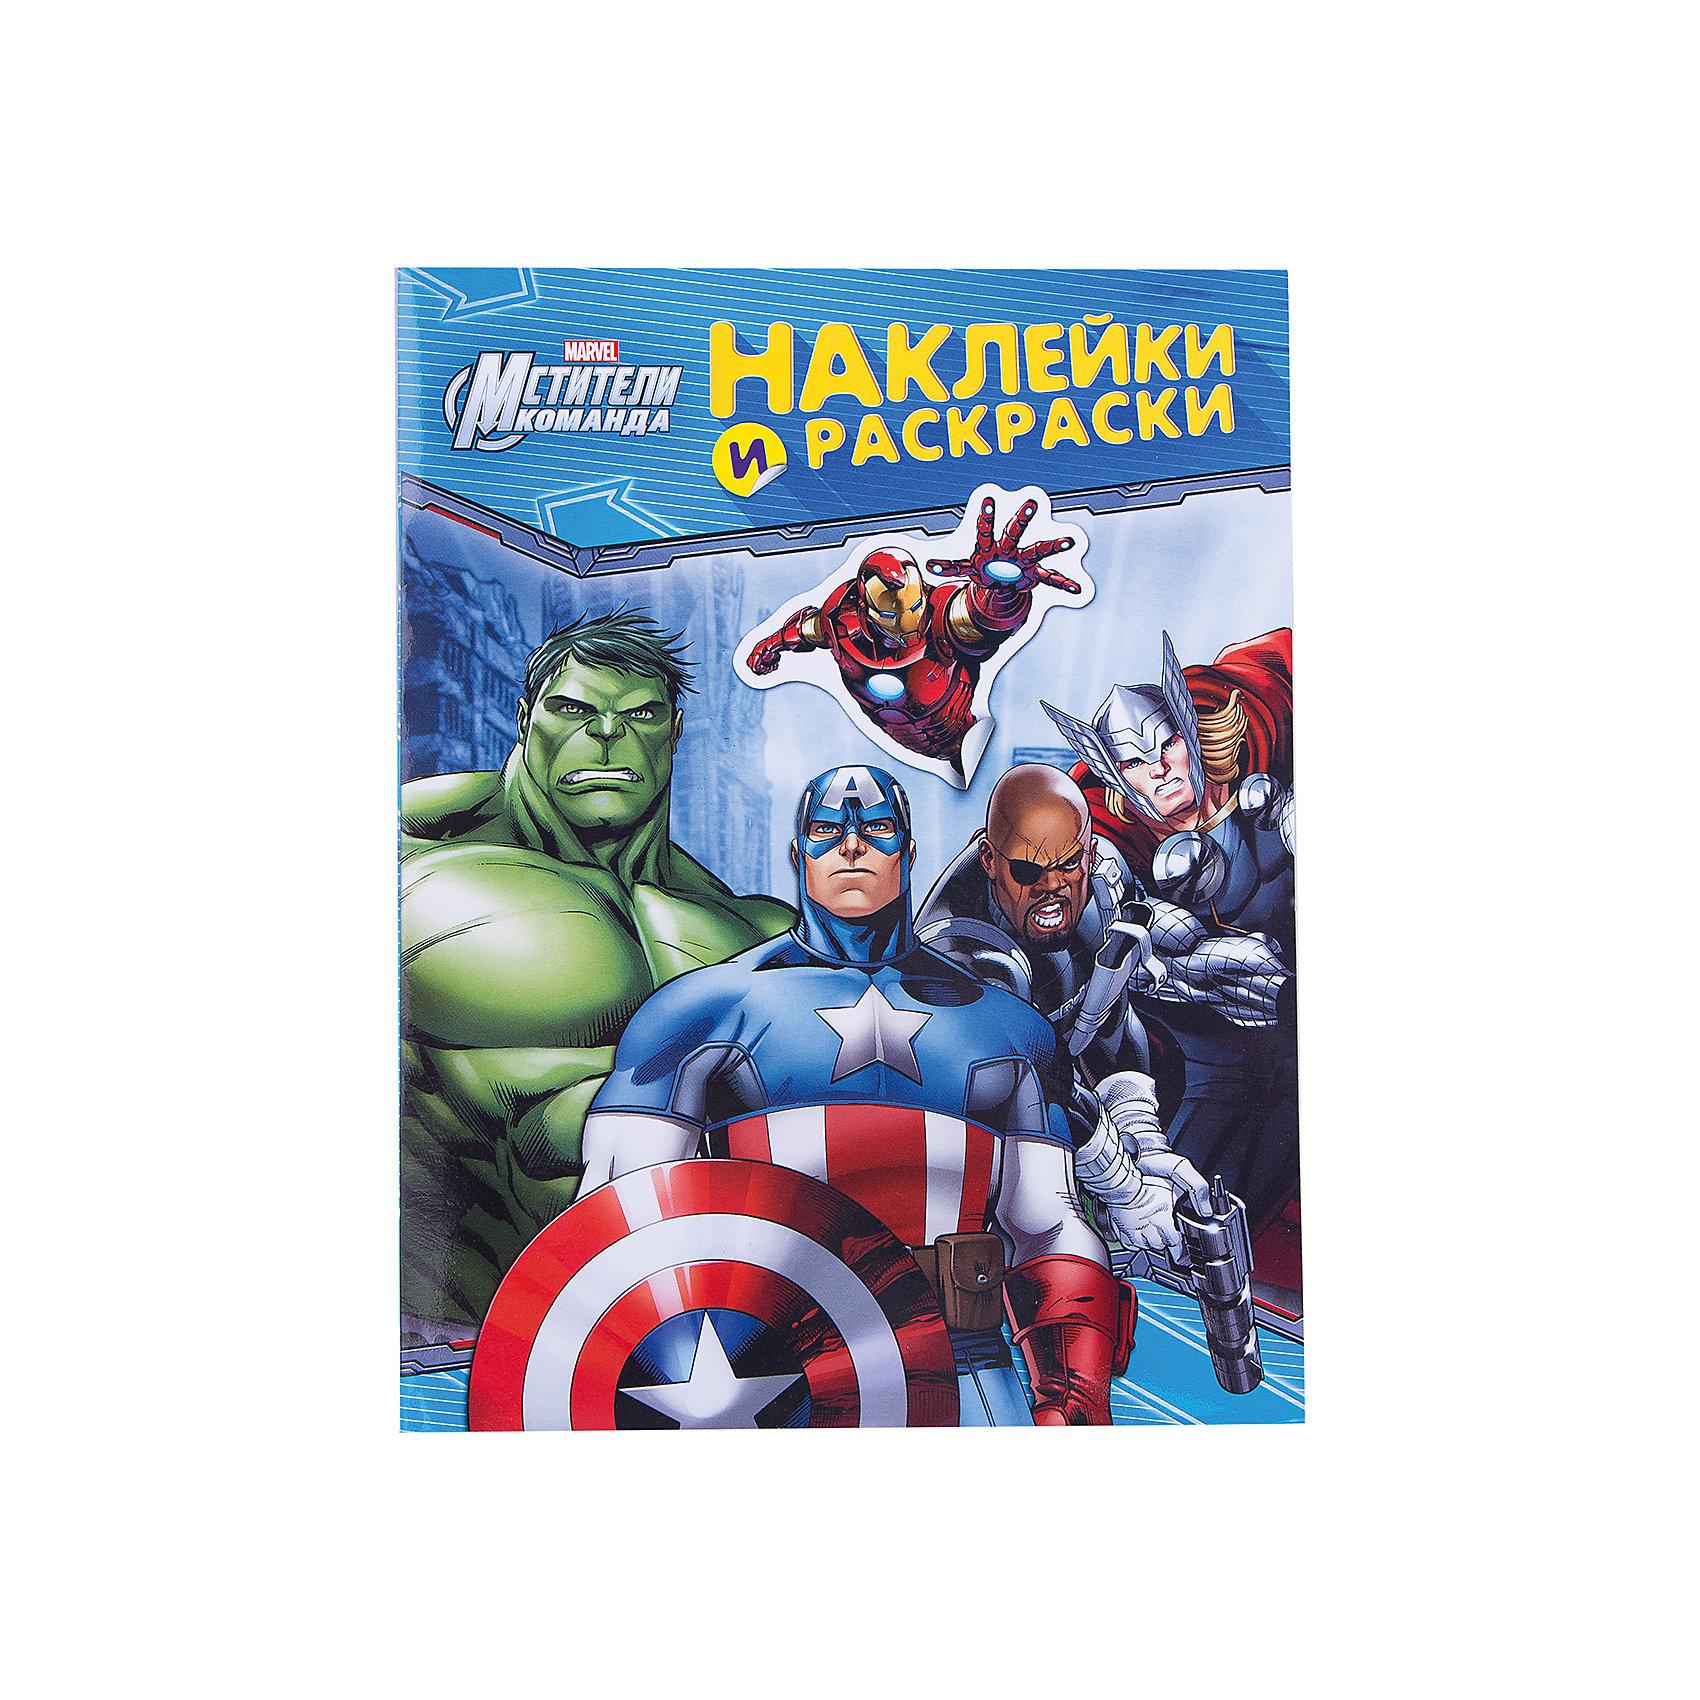 Росмэн Наклейки и раскраски (синяя), Мстители росмэн наклейки и раскраски голубая monster high